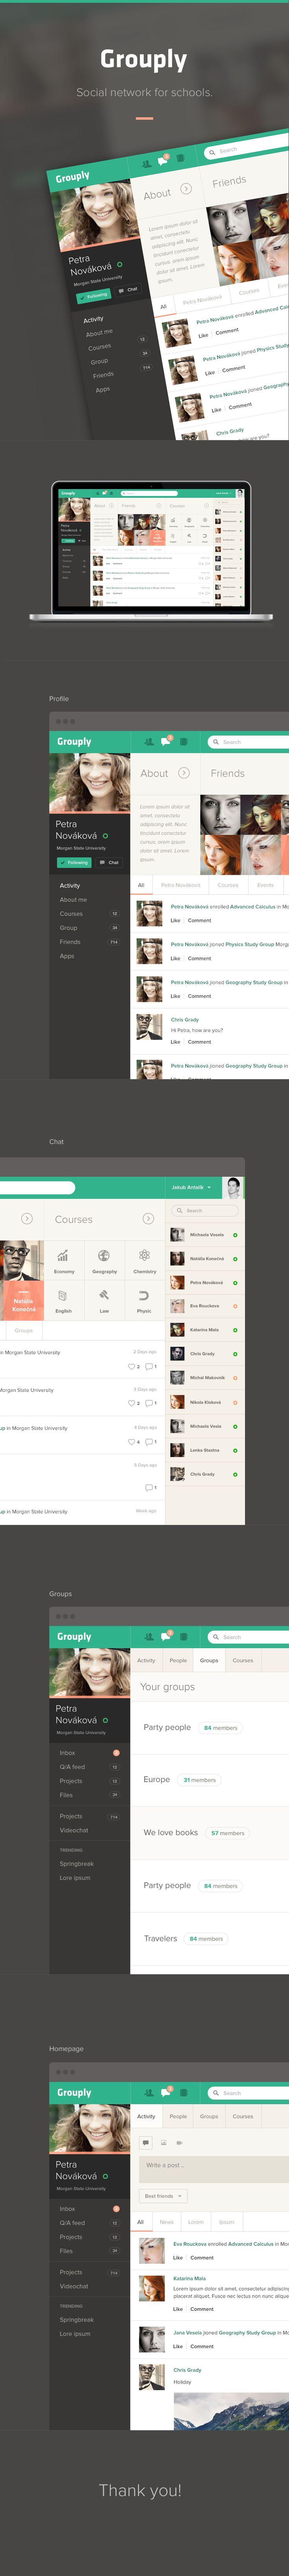 Grouply UI/UX, Web Design #flat